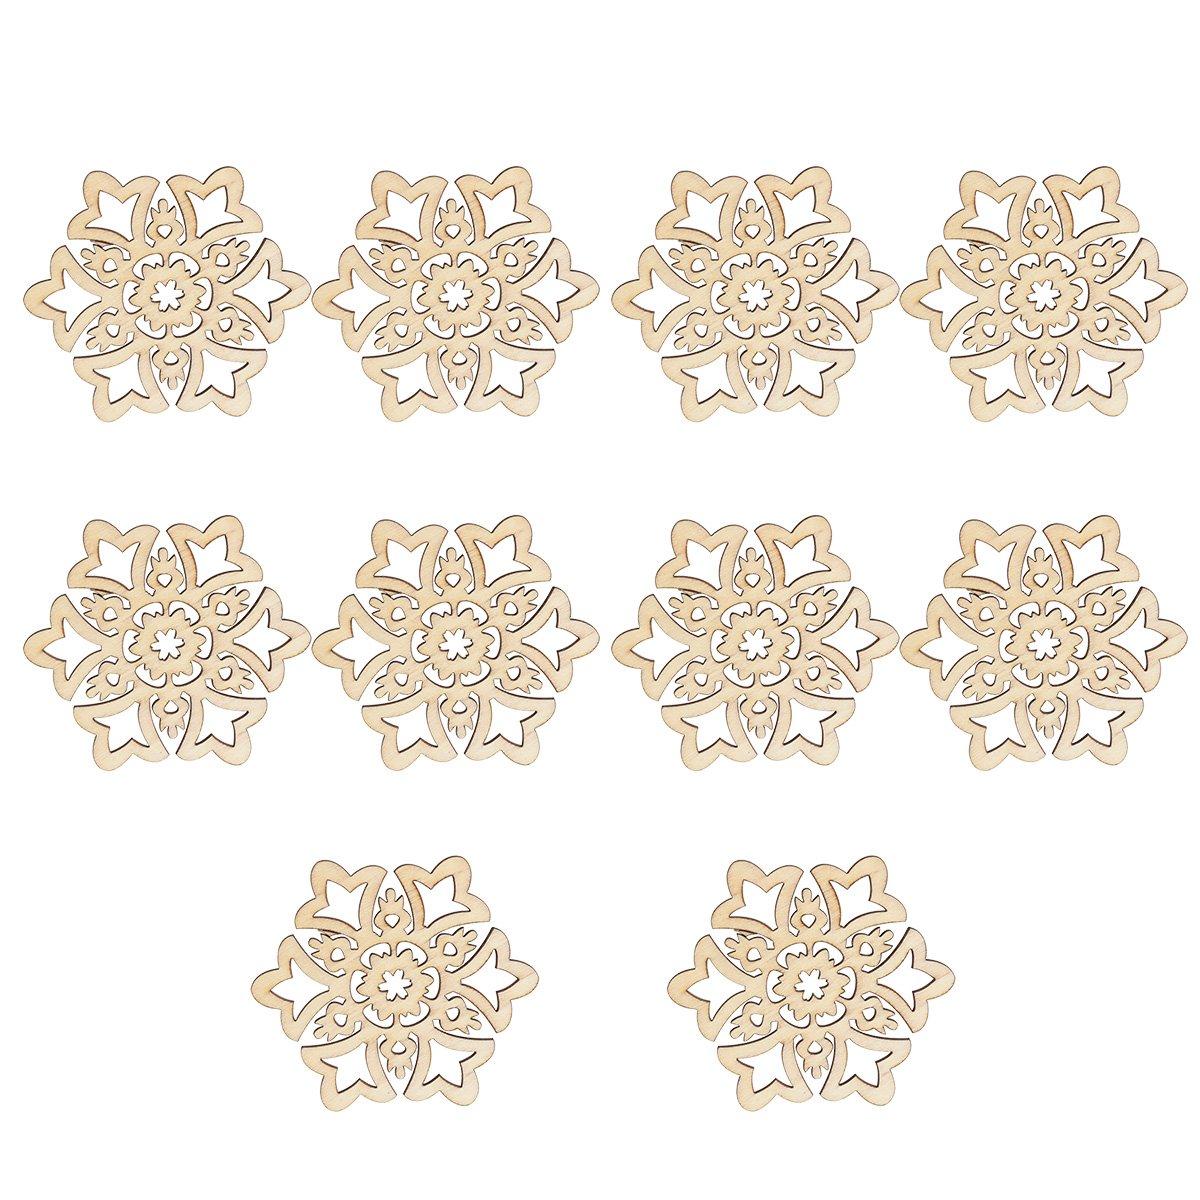 ULTNICE Fiocco di neve in legno Abbelimento decorativo per Natale Ciondoli fiocco di neve da appendere con Corda per canapa(10 pcs